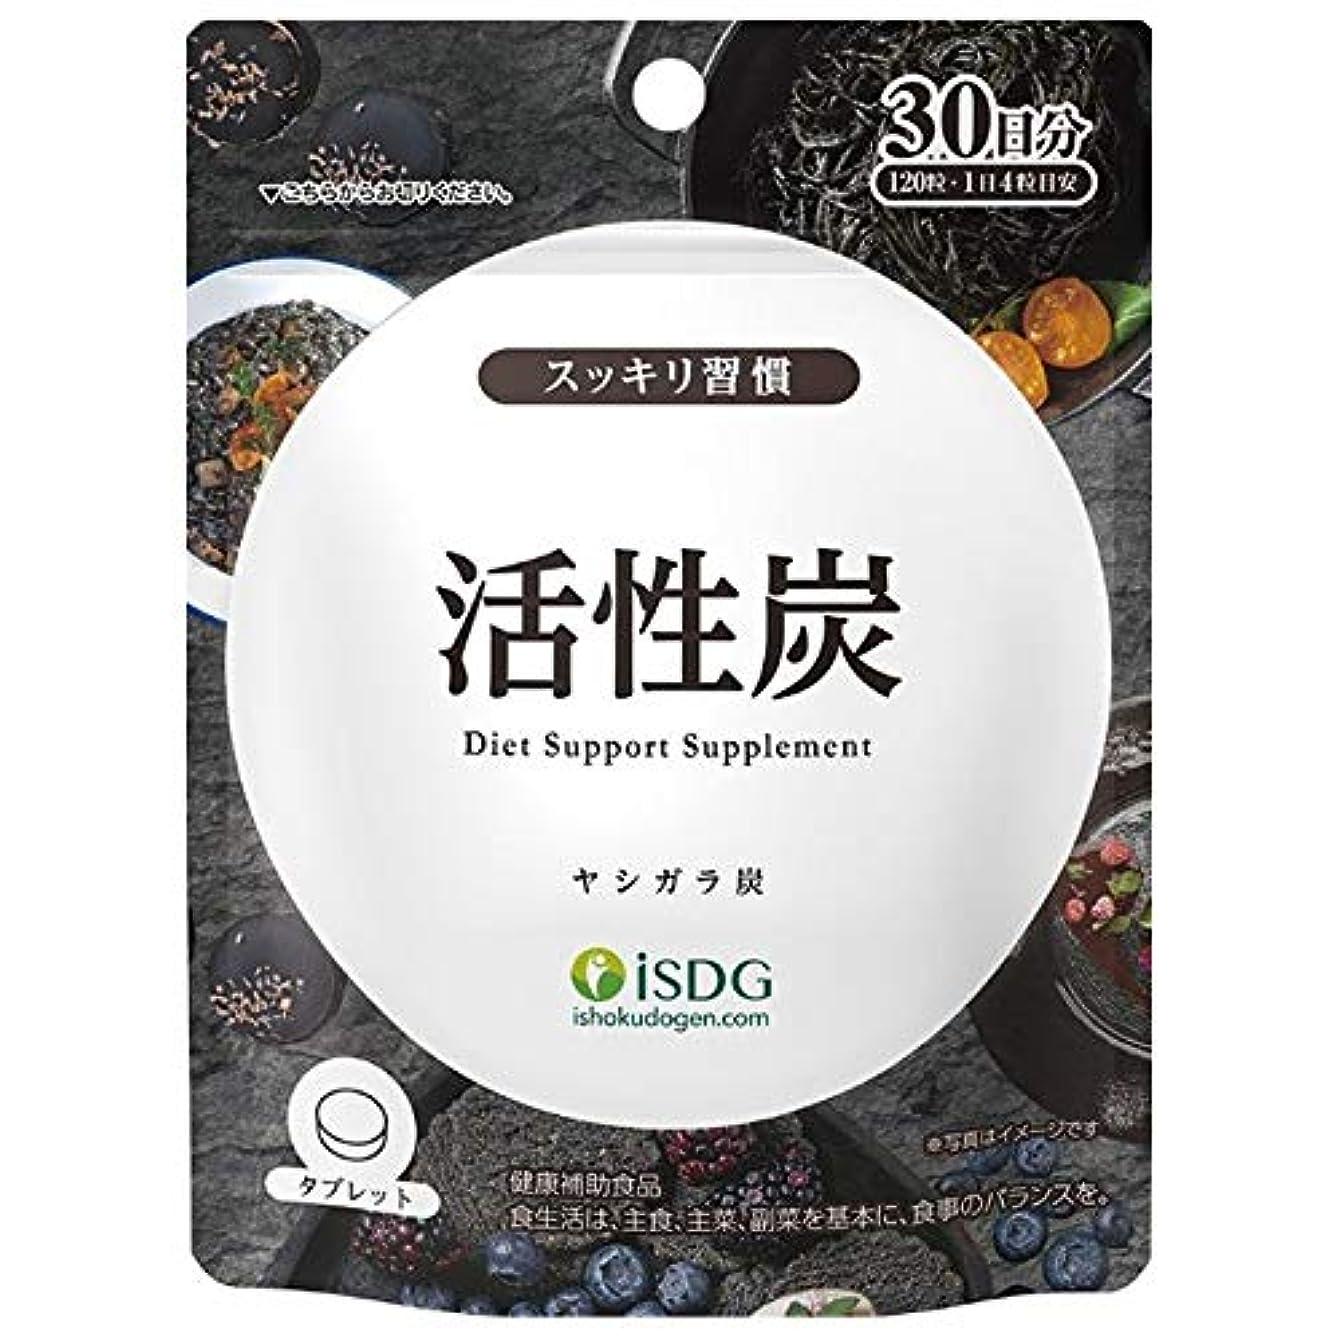 好戦的などこか信者ISDG 医食同源ドットコム 活性炭 [ヤシガラ炭 400mg配合/4粒] 120粒 30日分